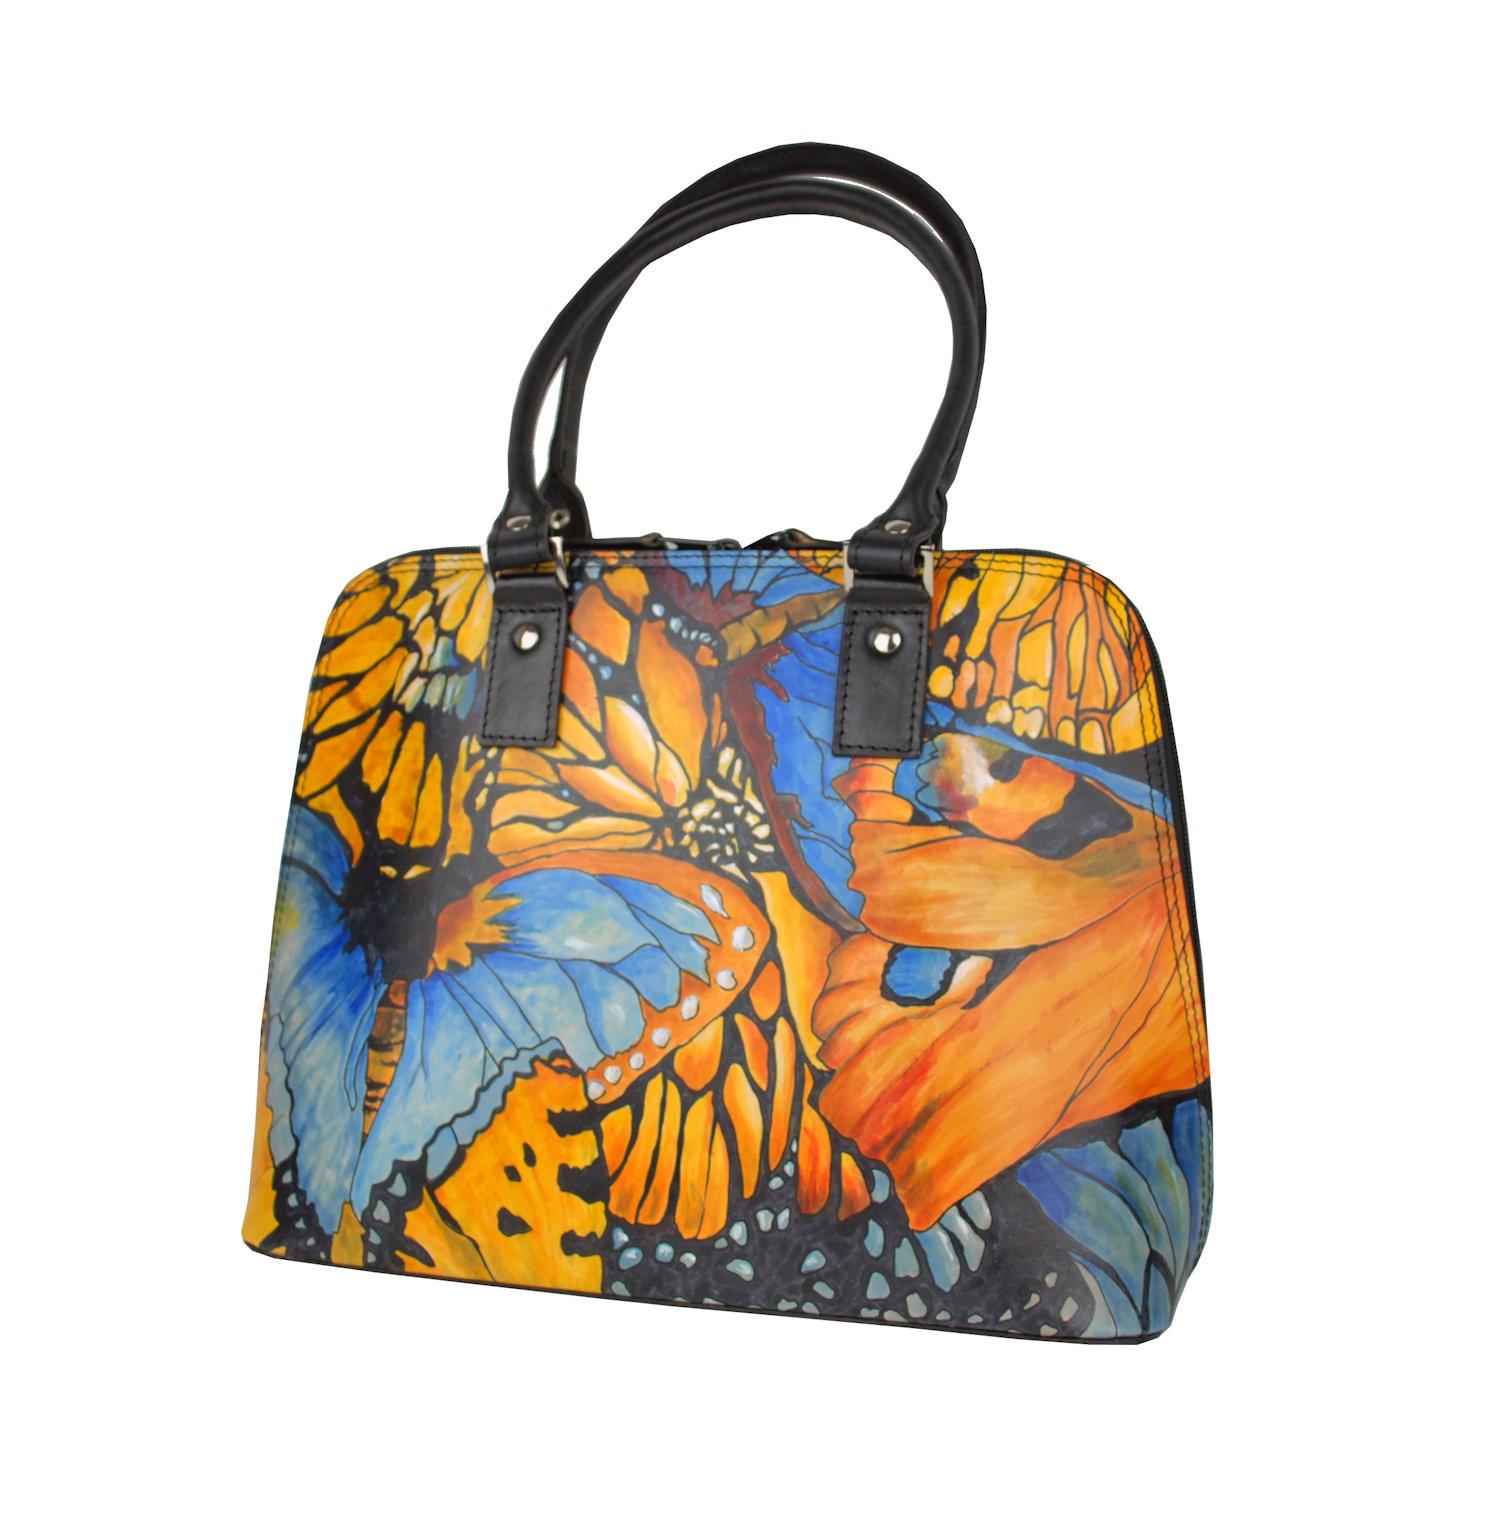 8e0b9bb314 Originálna ručne maľovaná kožená kabelka z pravej kože